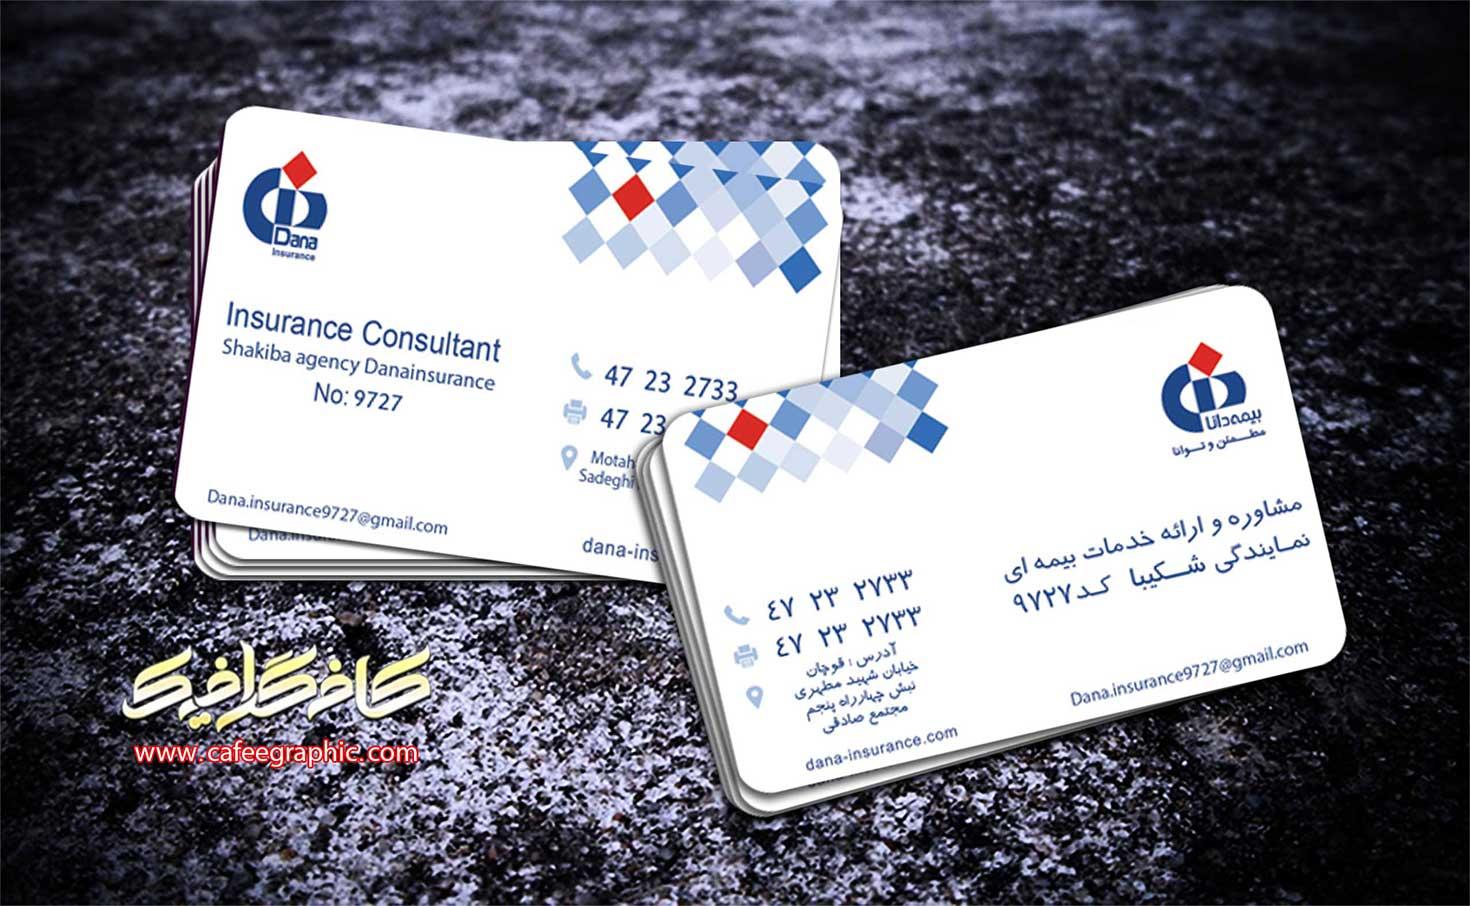 طرح کارت ویزیت لایه باز بیمه دانا (طرح سازمانی),کارت ویزیت بیمه دانا,نمونه کارت ویزیت بیمه دانا